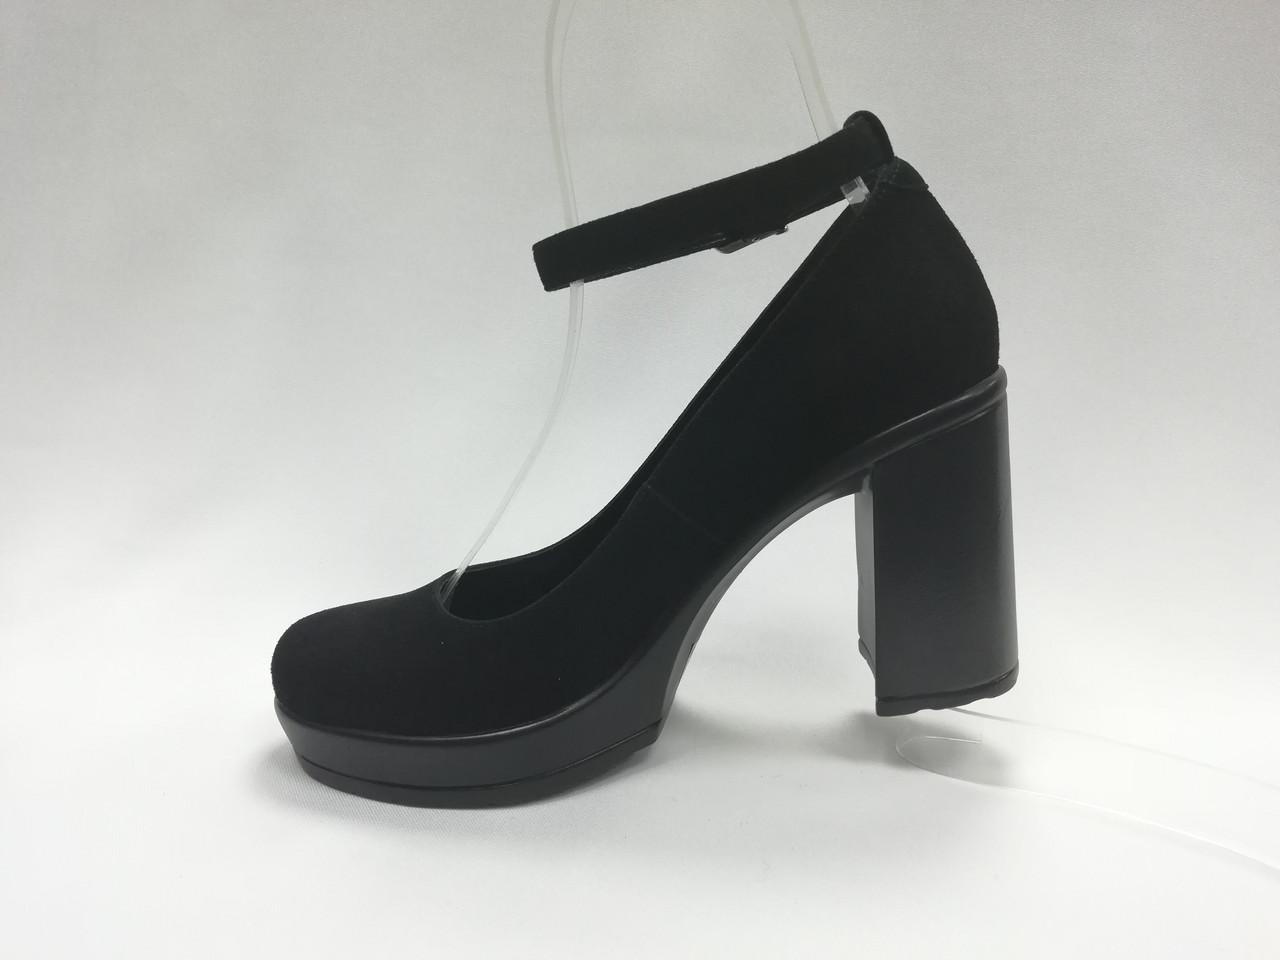 dc64457fd ... фото Черные замшевые туфли на каблуке. Маленькие ( 33 - 35) размеры.,  ...